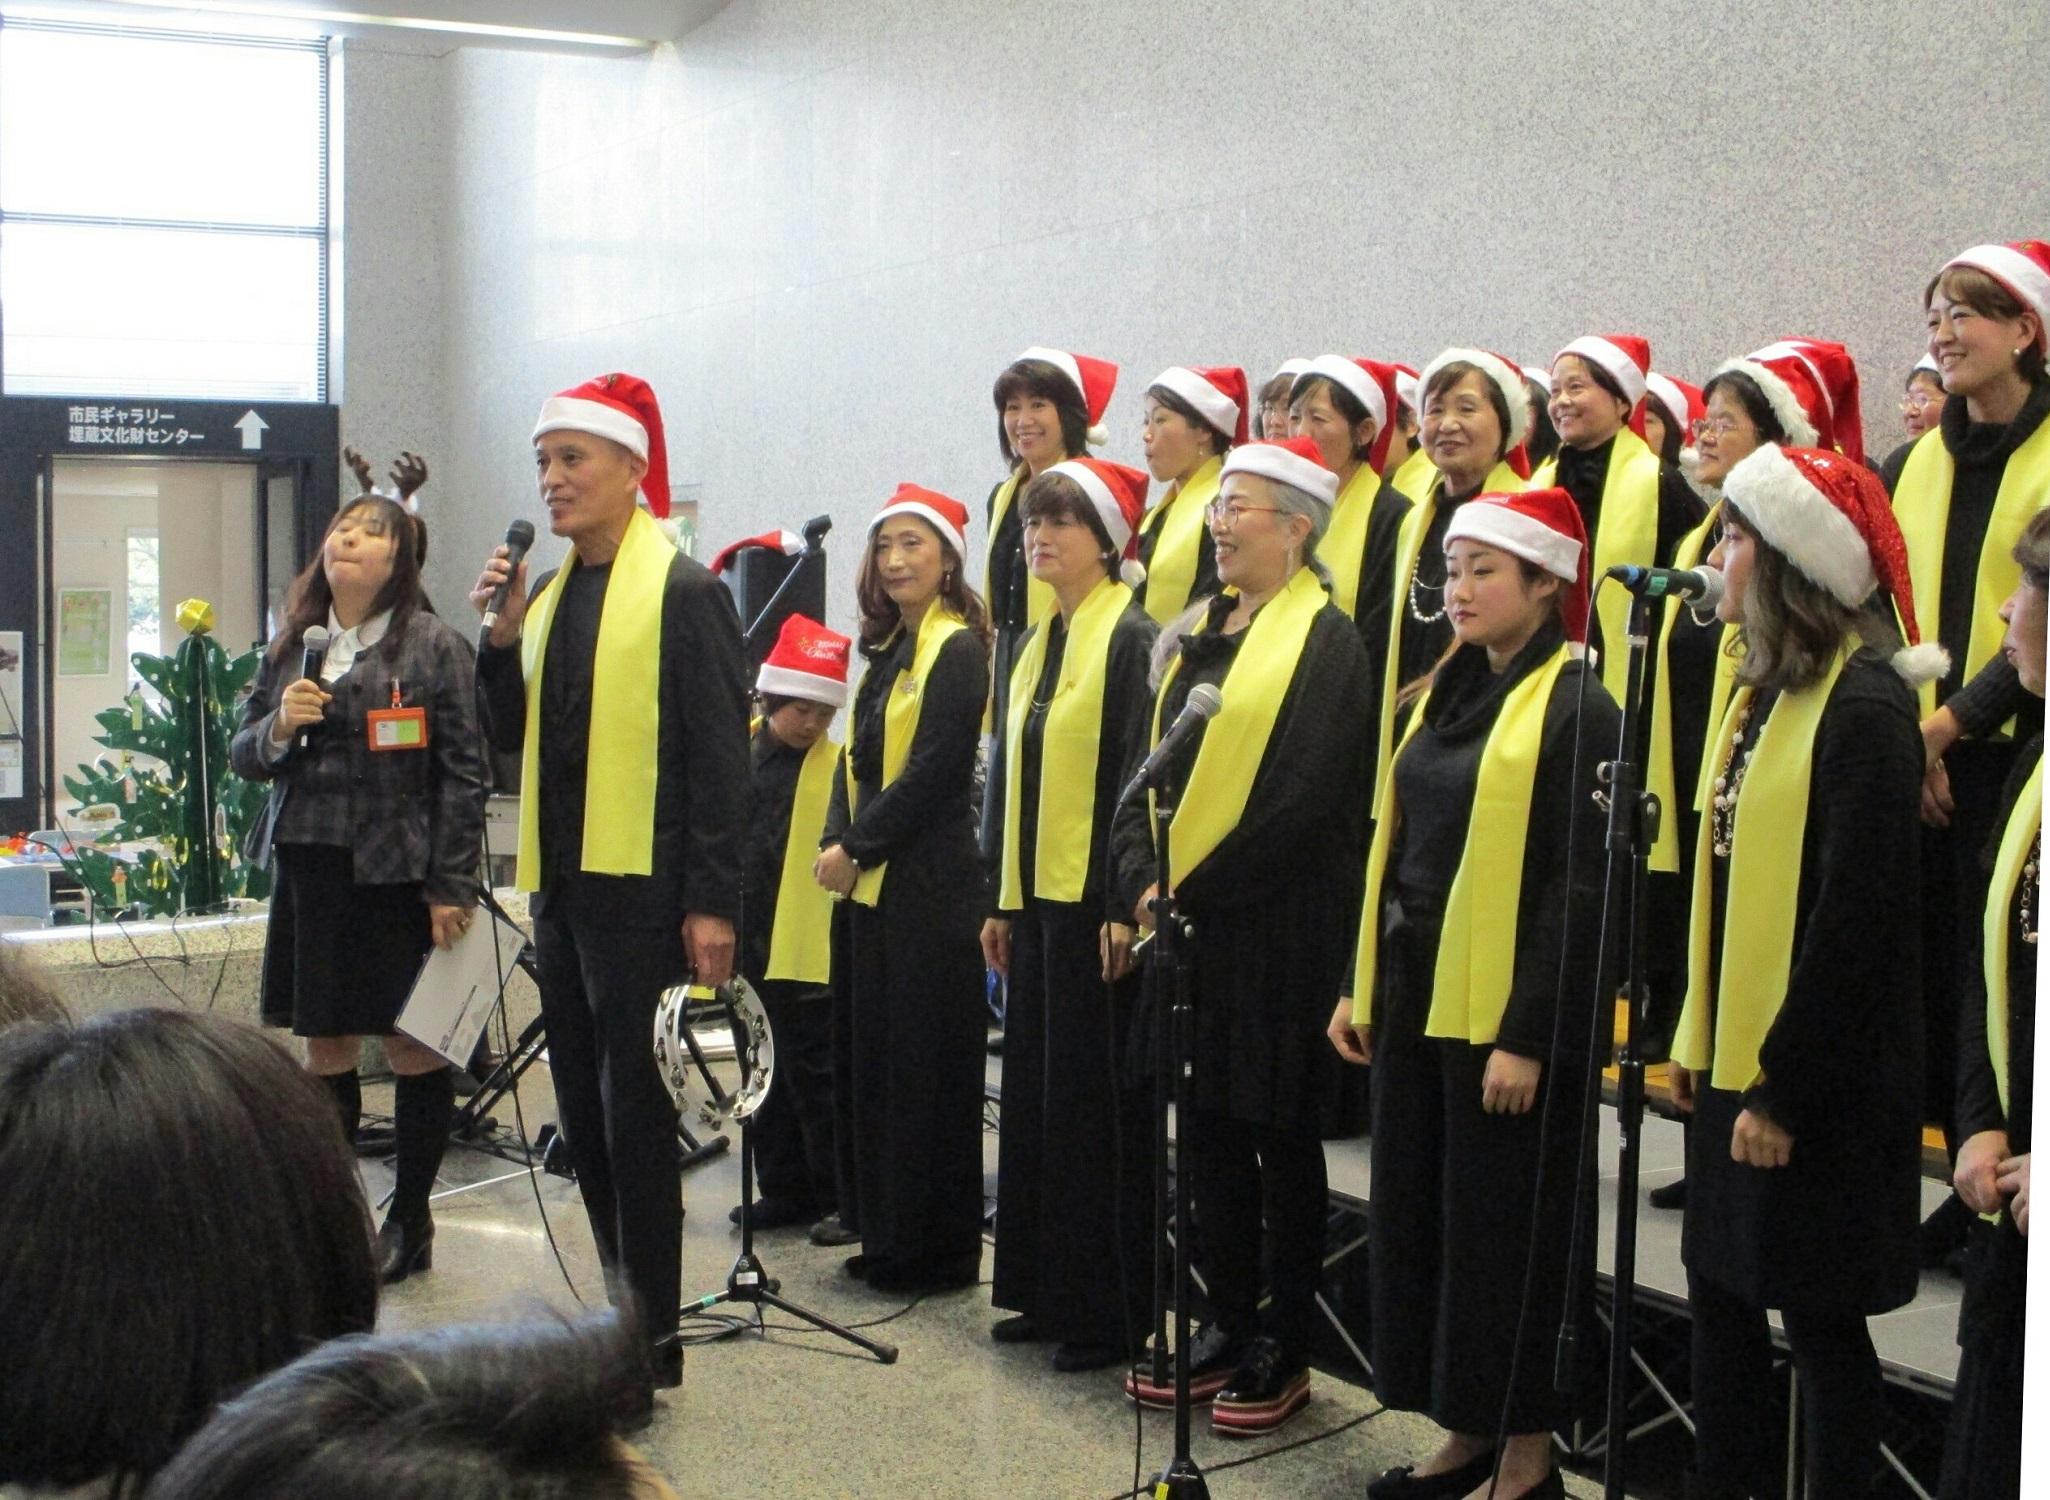 2018.12.22 クリスマスゴスペルコンサート (1) 2050-1500